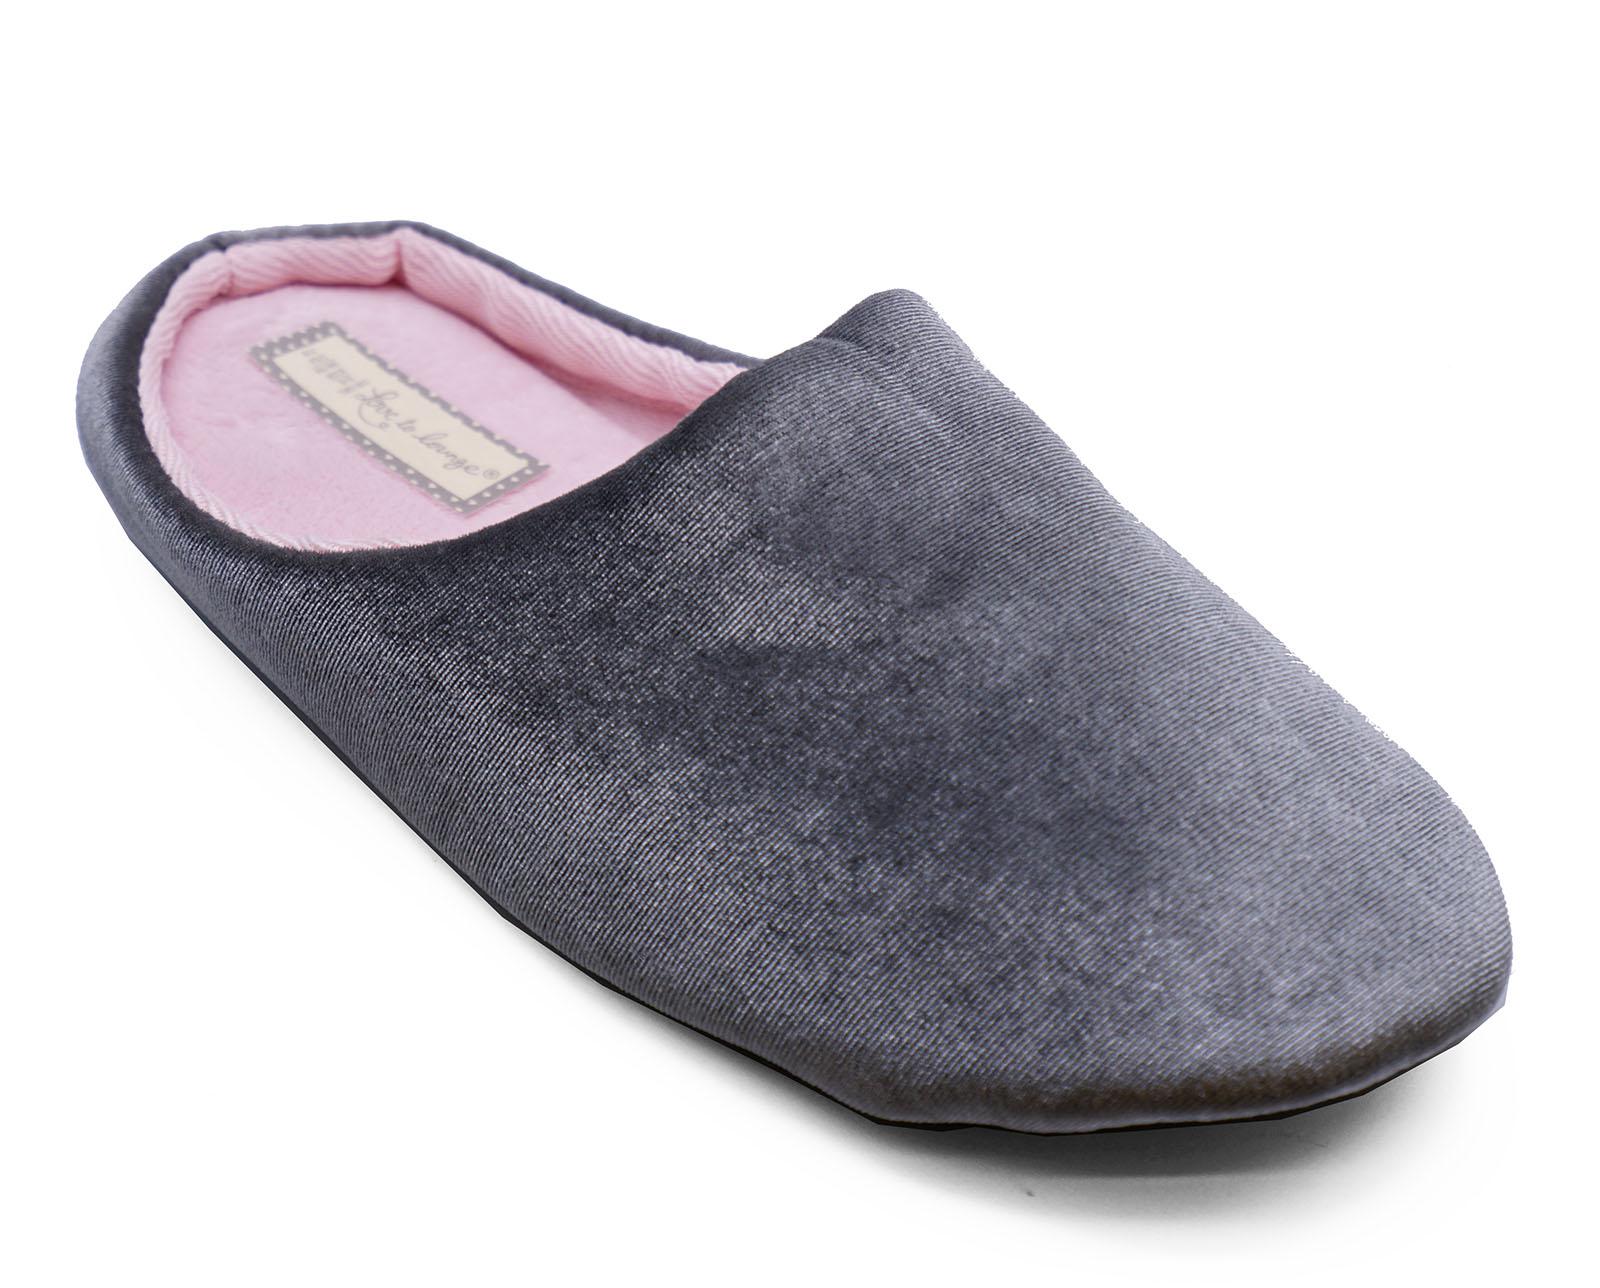 Señoras sin Cordones Gris Cómodo Mulas Cálido Pantuflas Zapatos de Casa Interior Al Aire Libre 3-8